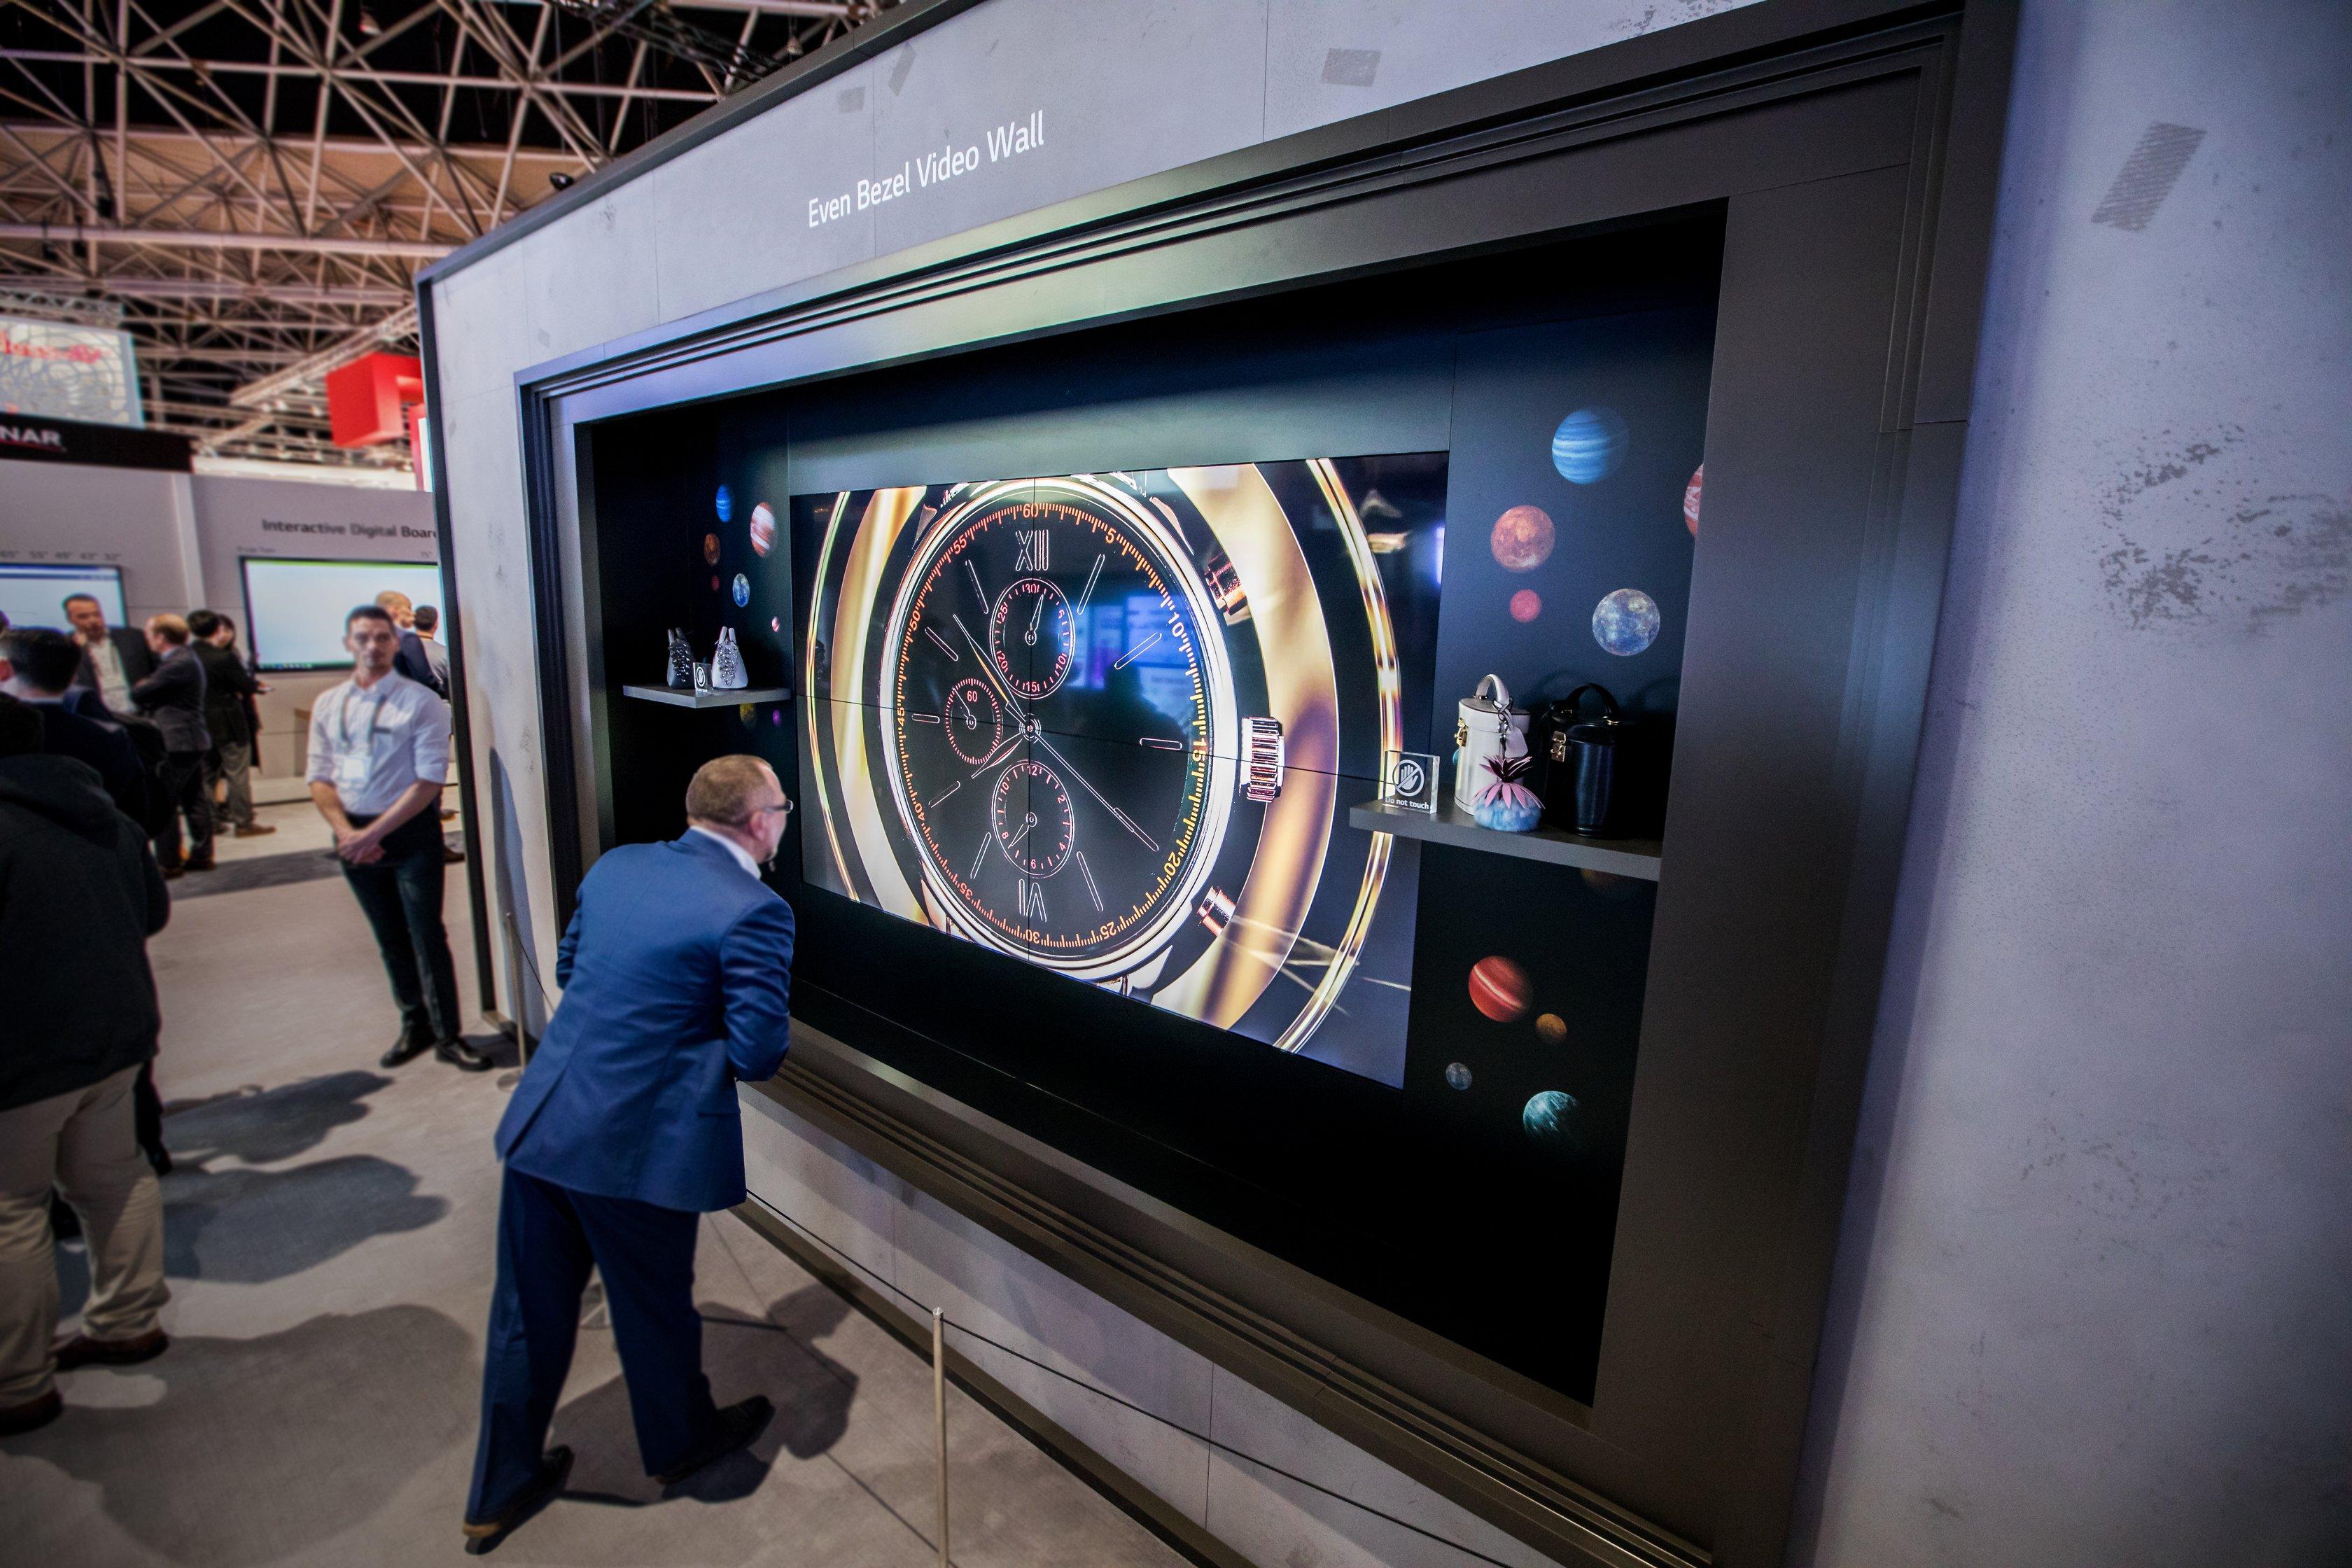 Noile video wall-uri LG combină cele mai bune caracteristici OLED cu îmbinări mai subțiri decât un card de credit